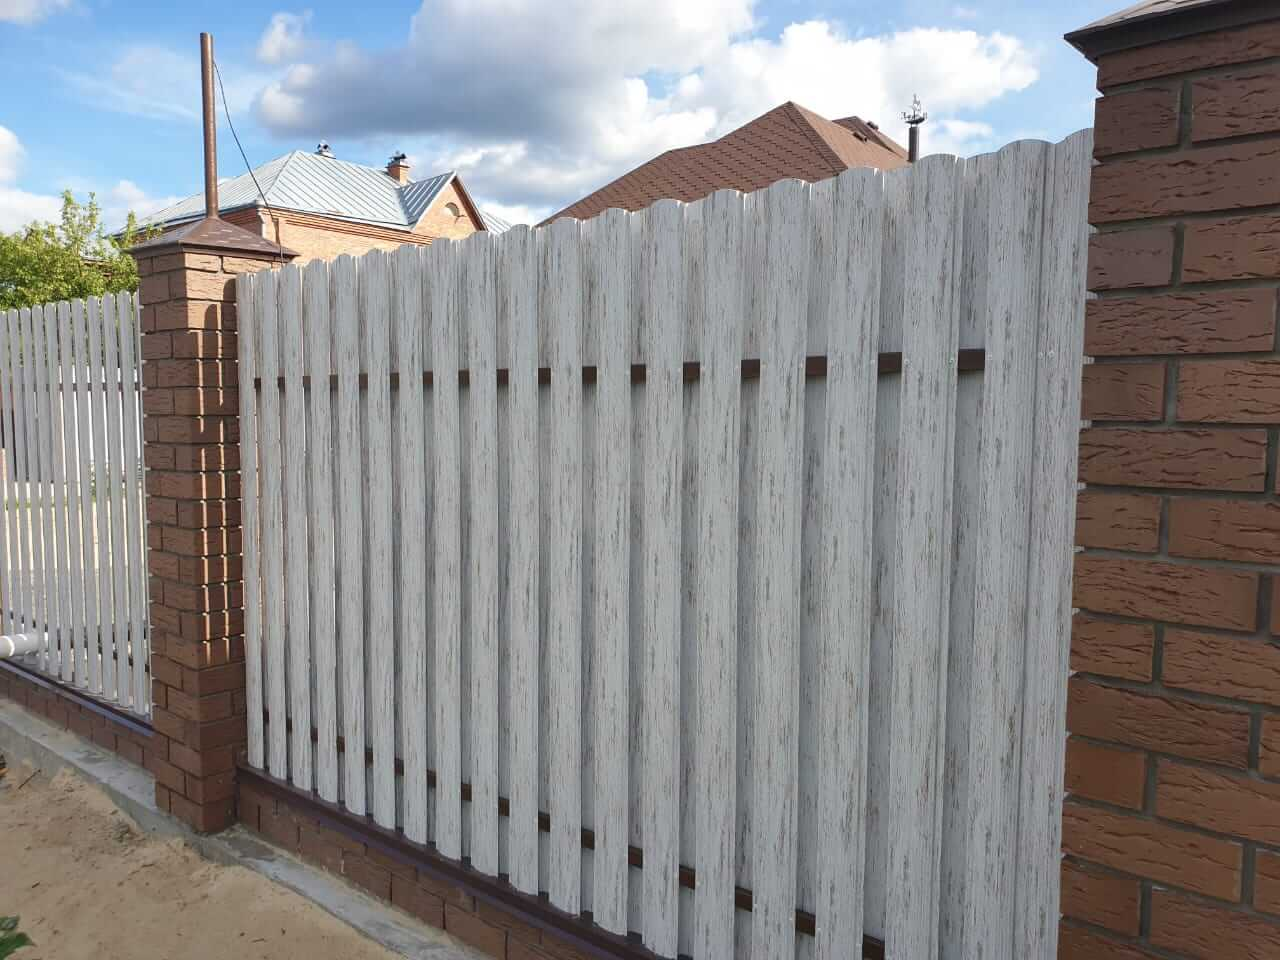 забор из штакетника Белёный Дуб фото6